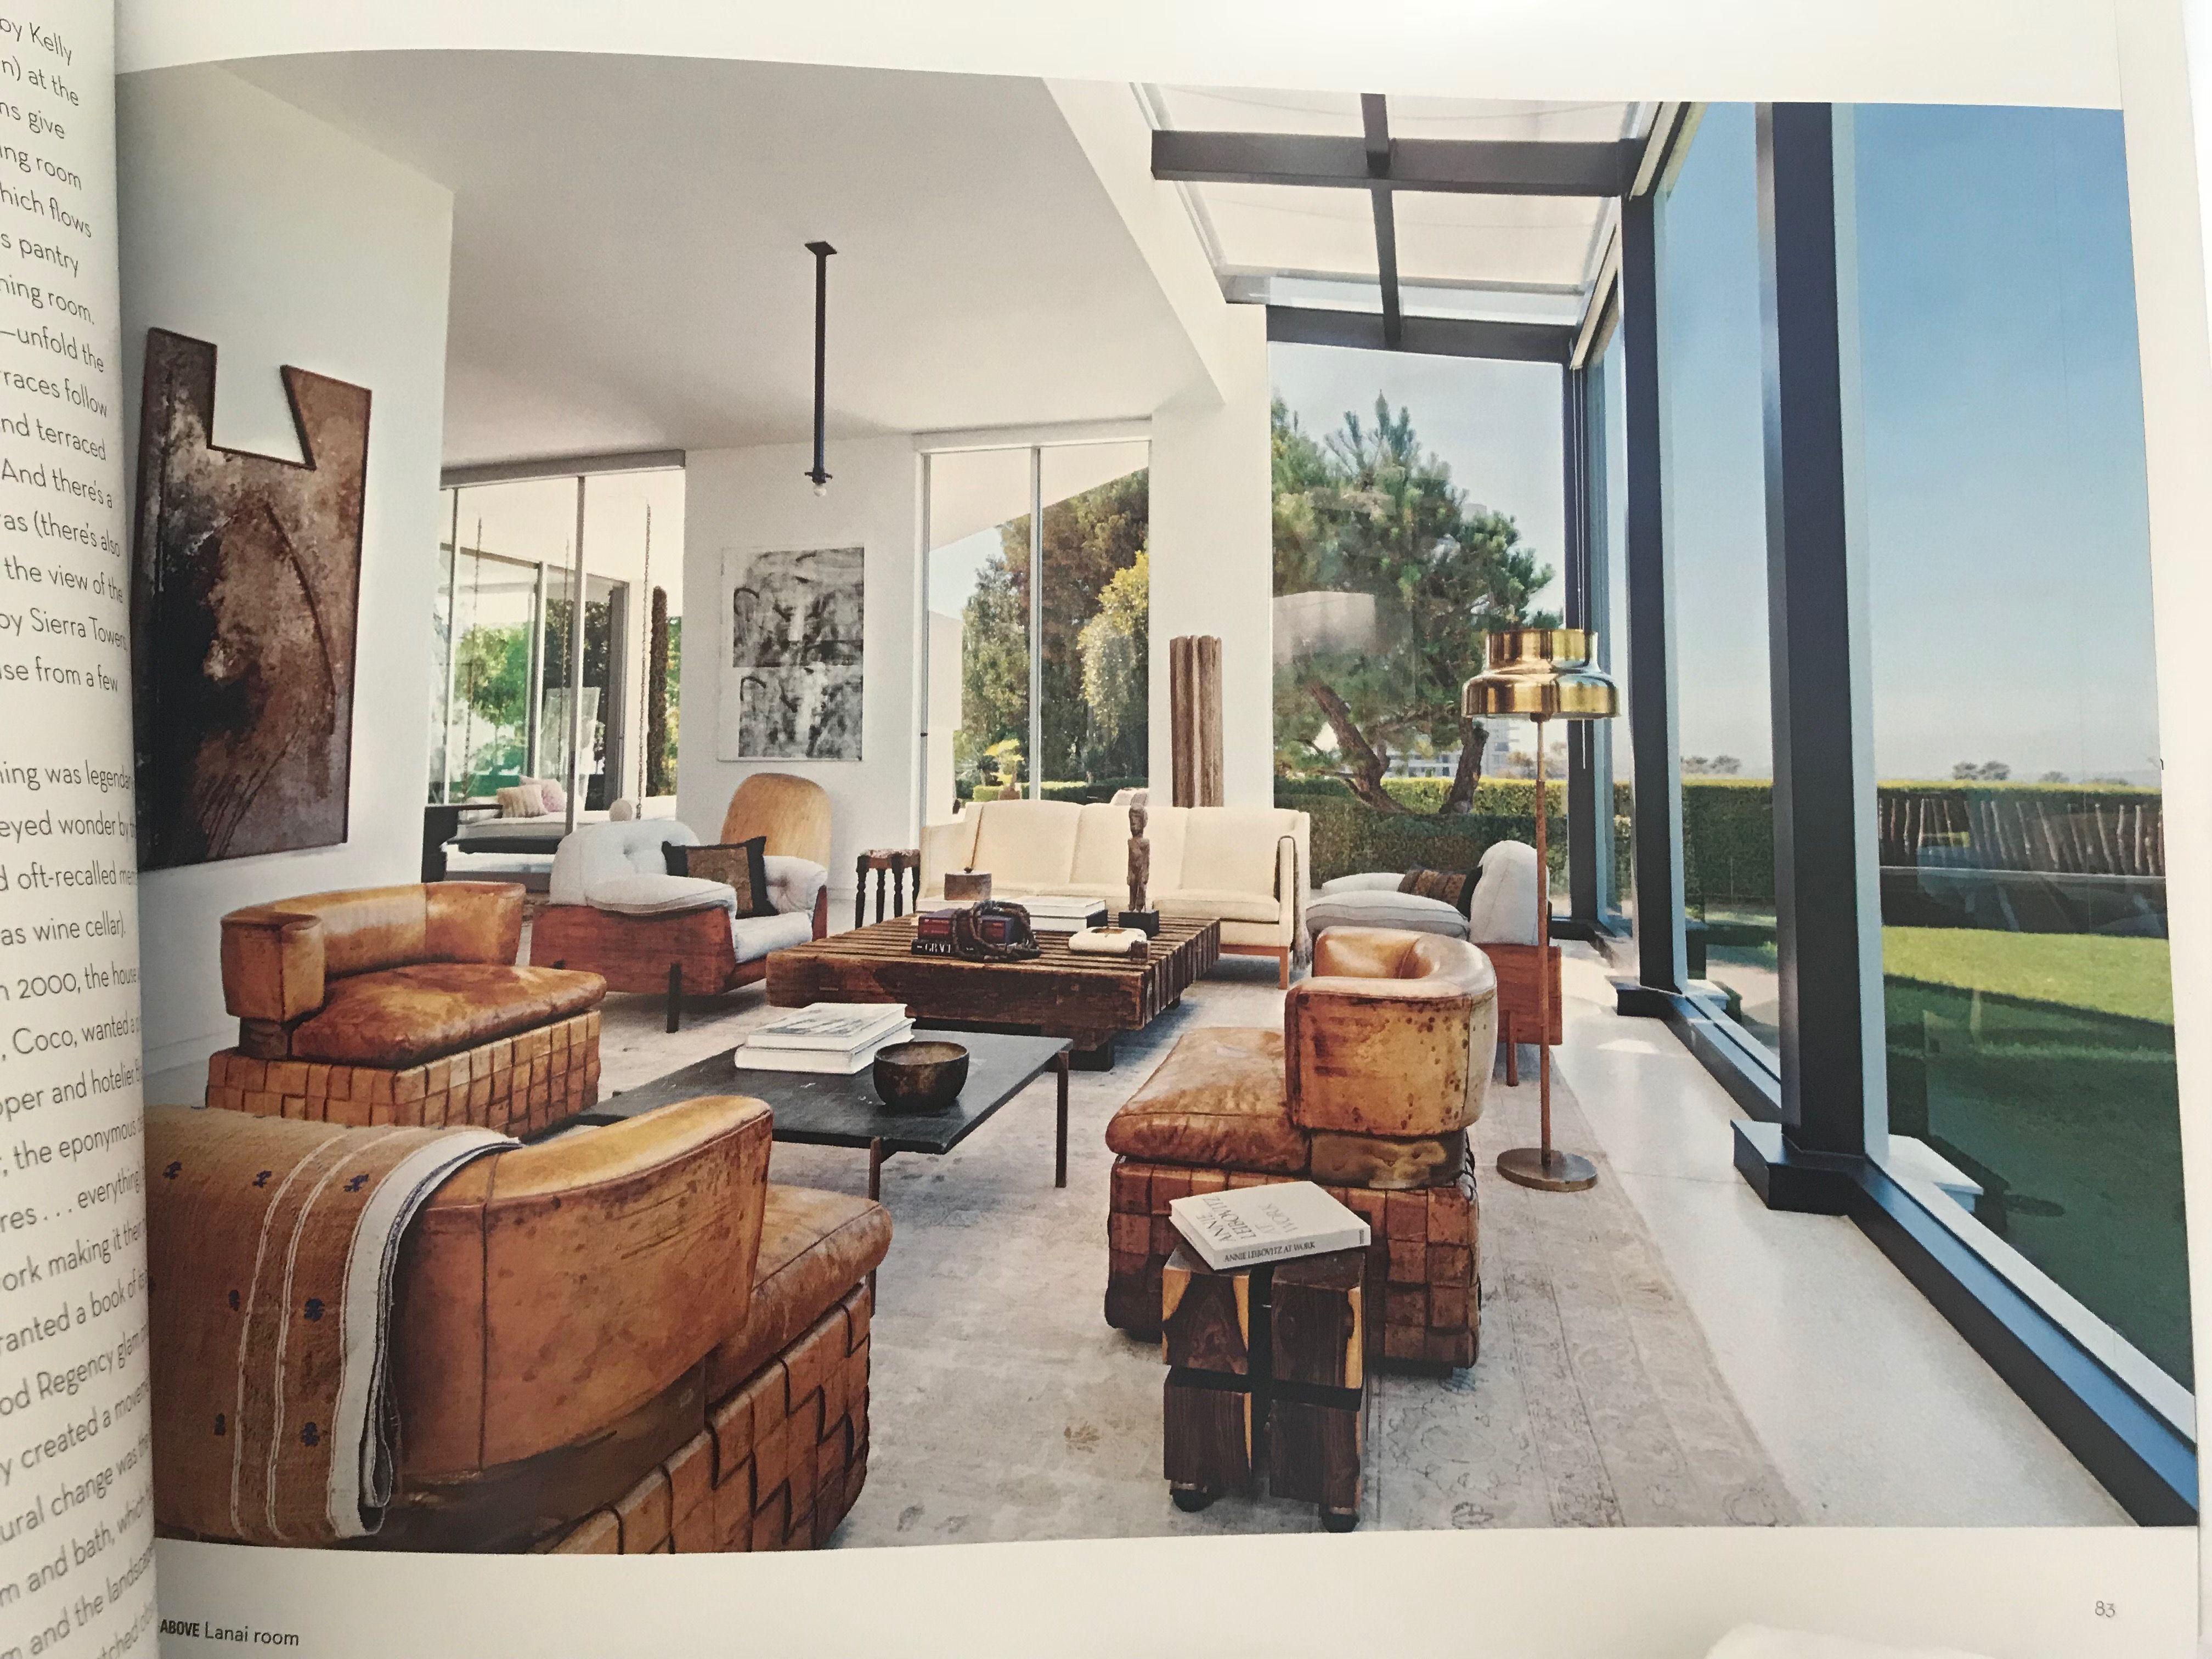 Lanai Room Of The Skouras House Trousdale Estates Tuscan